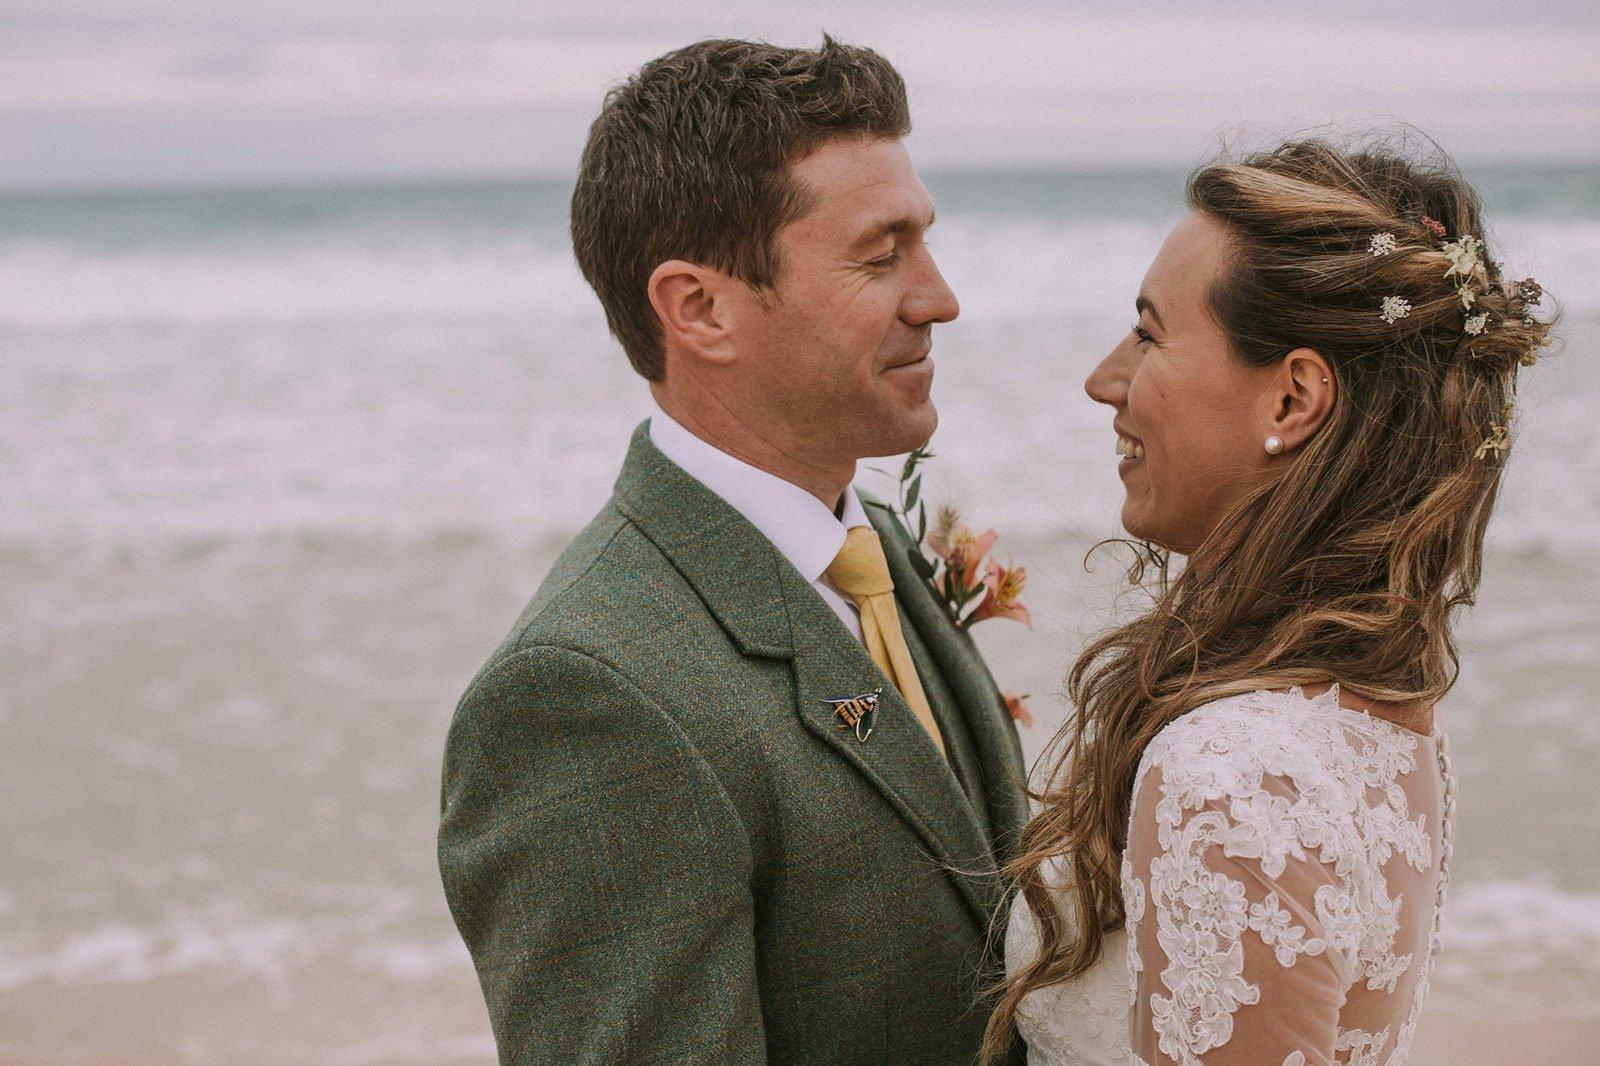 outer hebrides wedding photos